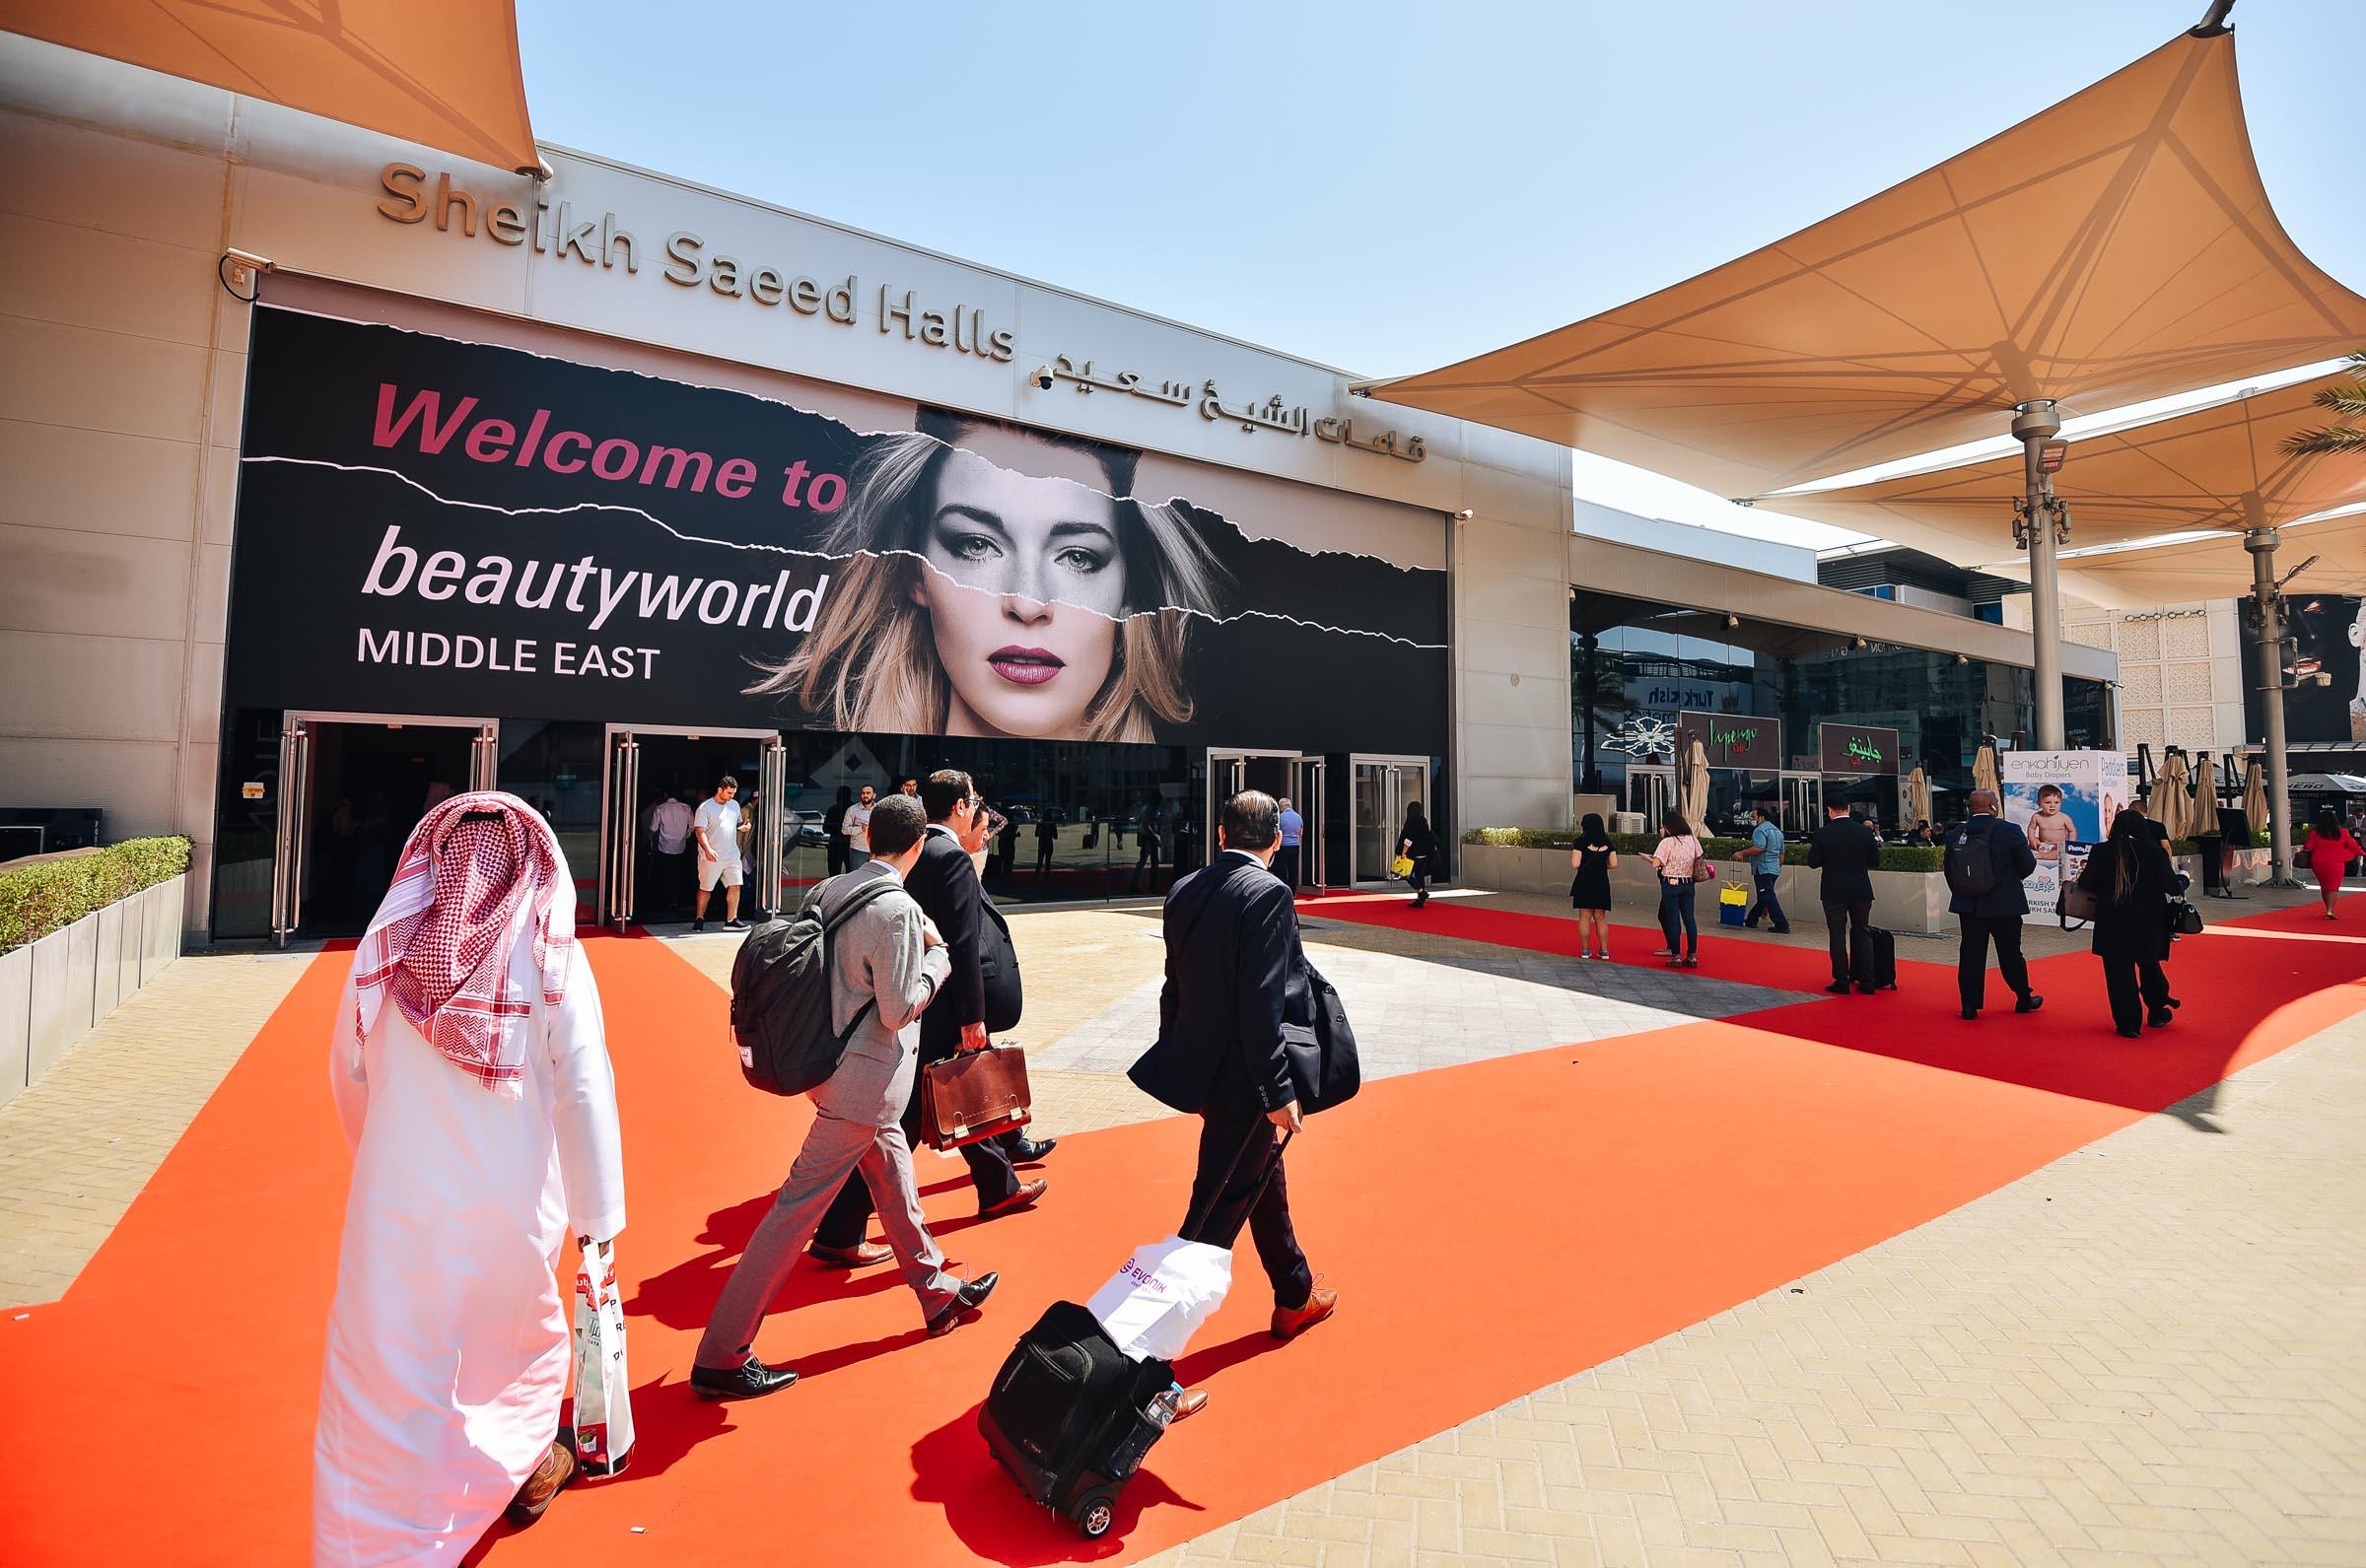 معرض بيوتي وورلد الشرق الأوسط يطلق النسخة الأولى من جوائز تكريم المواهب المحلية في قطاع الجمال والعطور